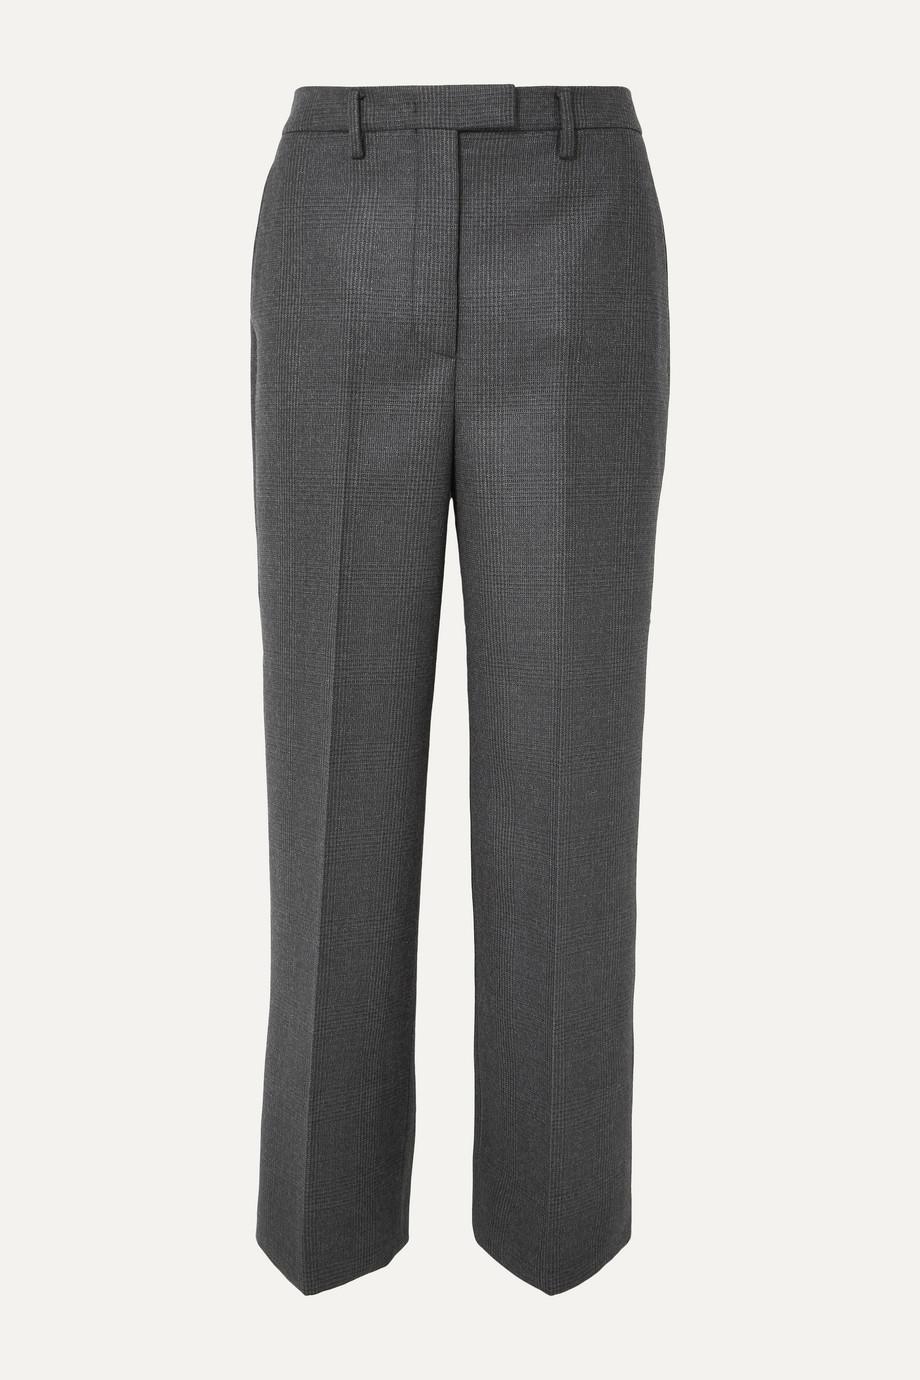 Prada Hose mit geradem Bein aus einer karierten Schurwollmischung